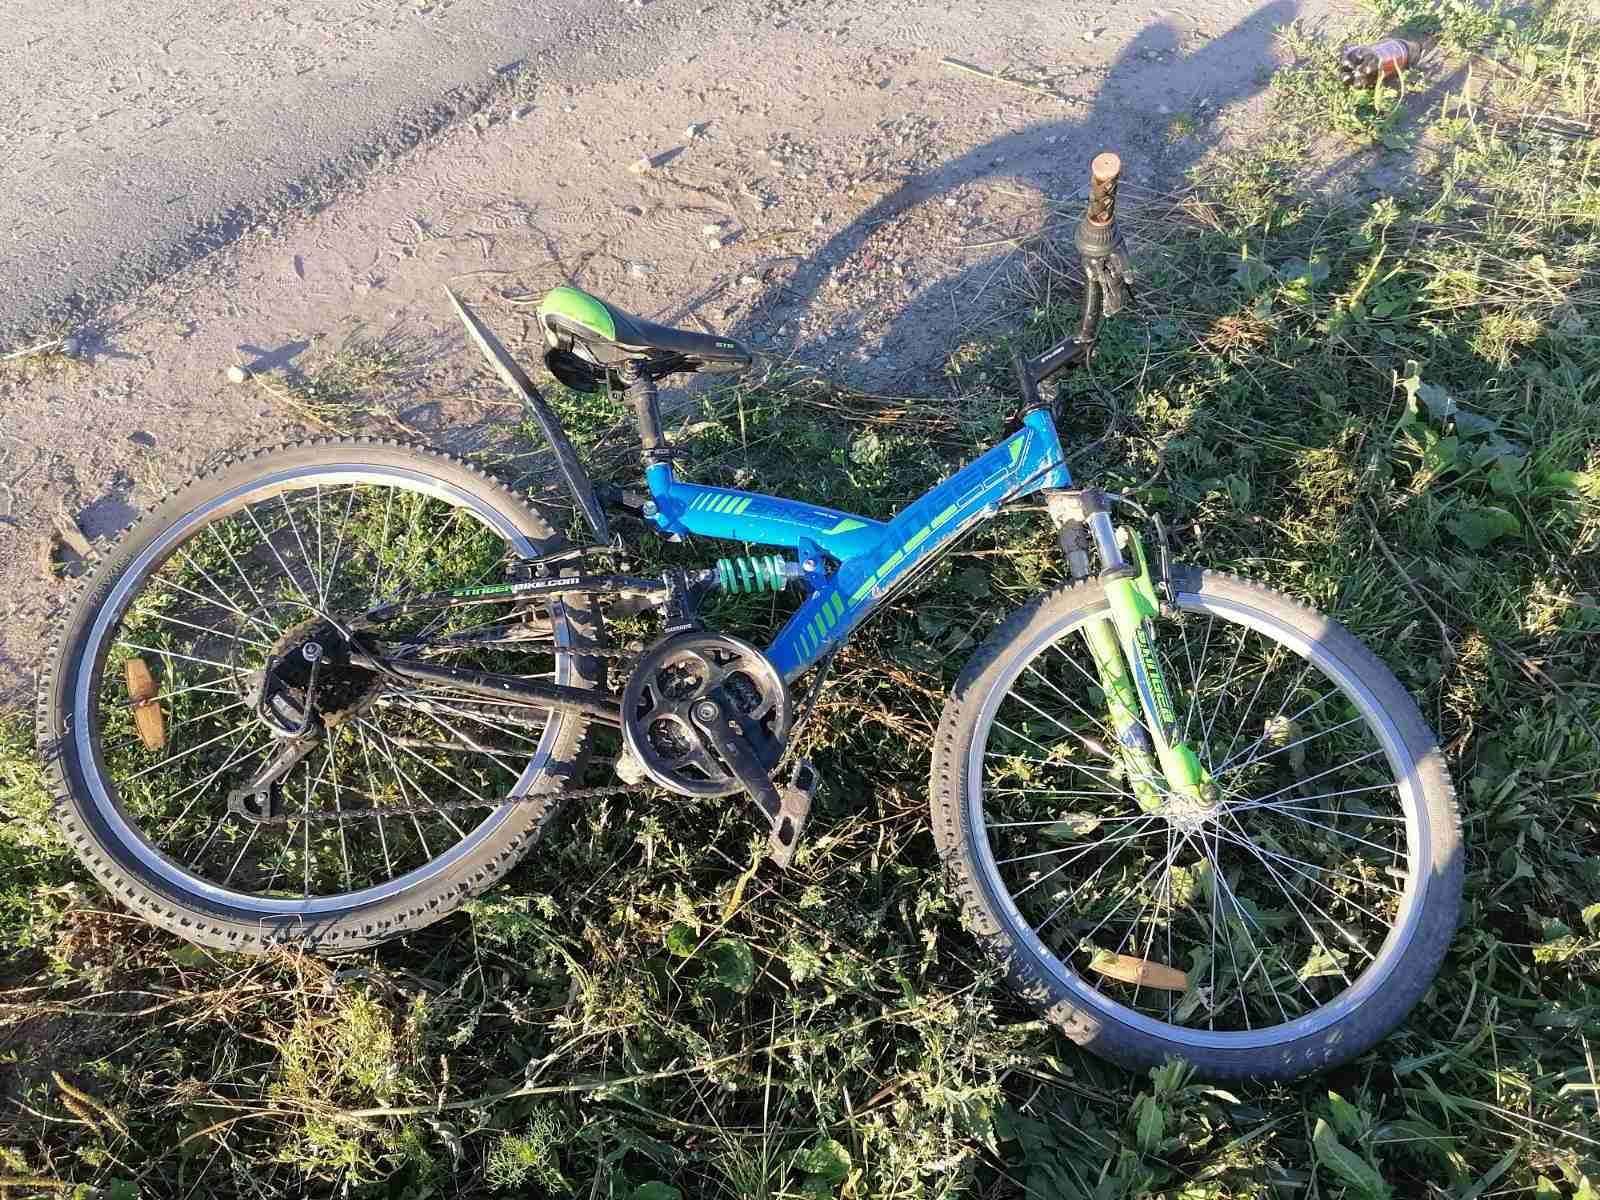 На дорогах Марий Эл с начала года произошло 11 ДТП с участием детей на велосипедах